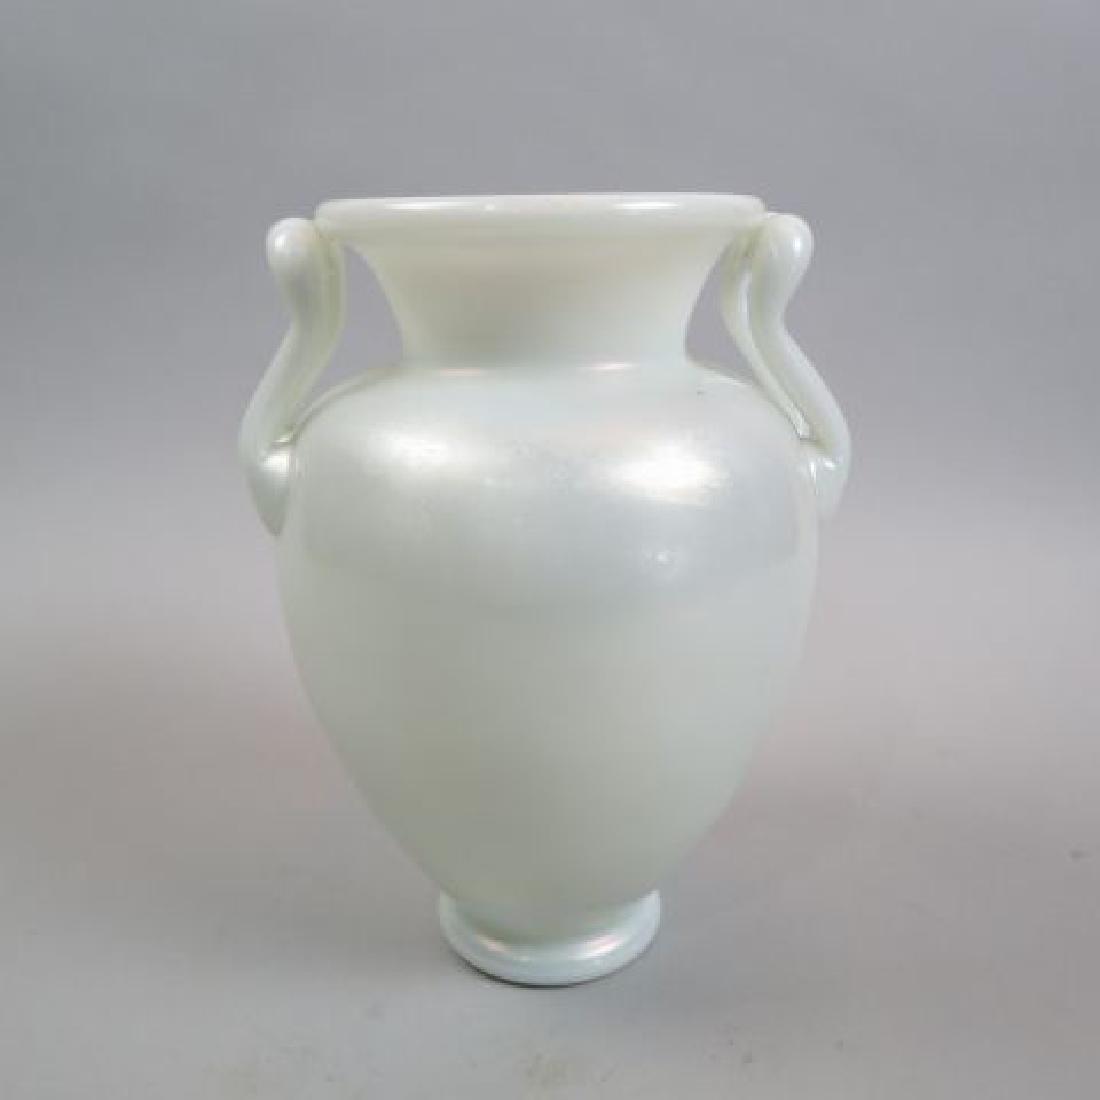 Steuben Art Glass Vase Iridescent White,